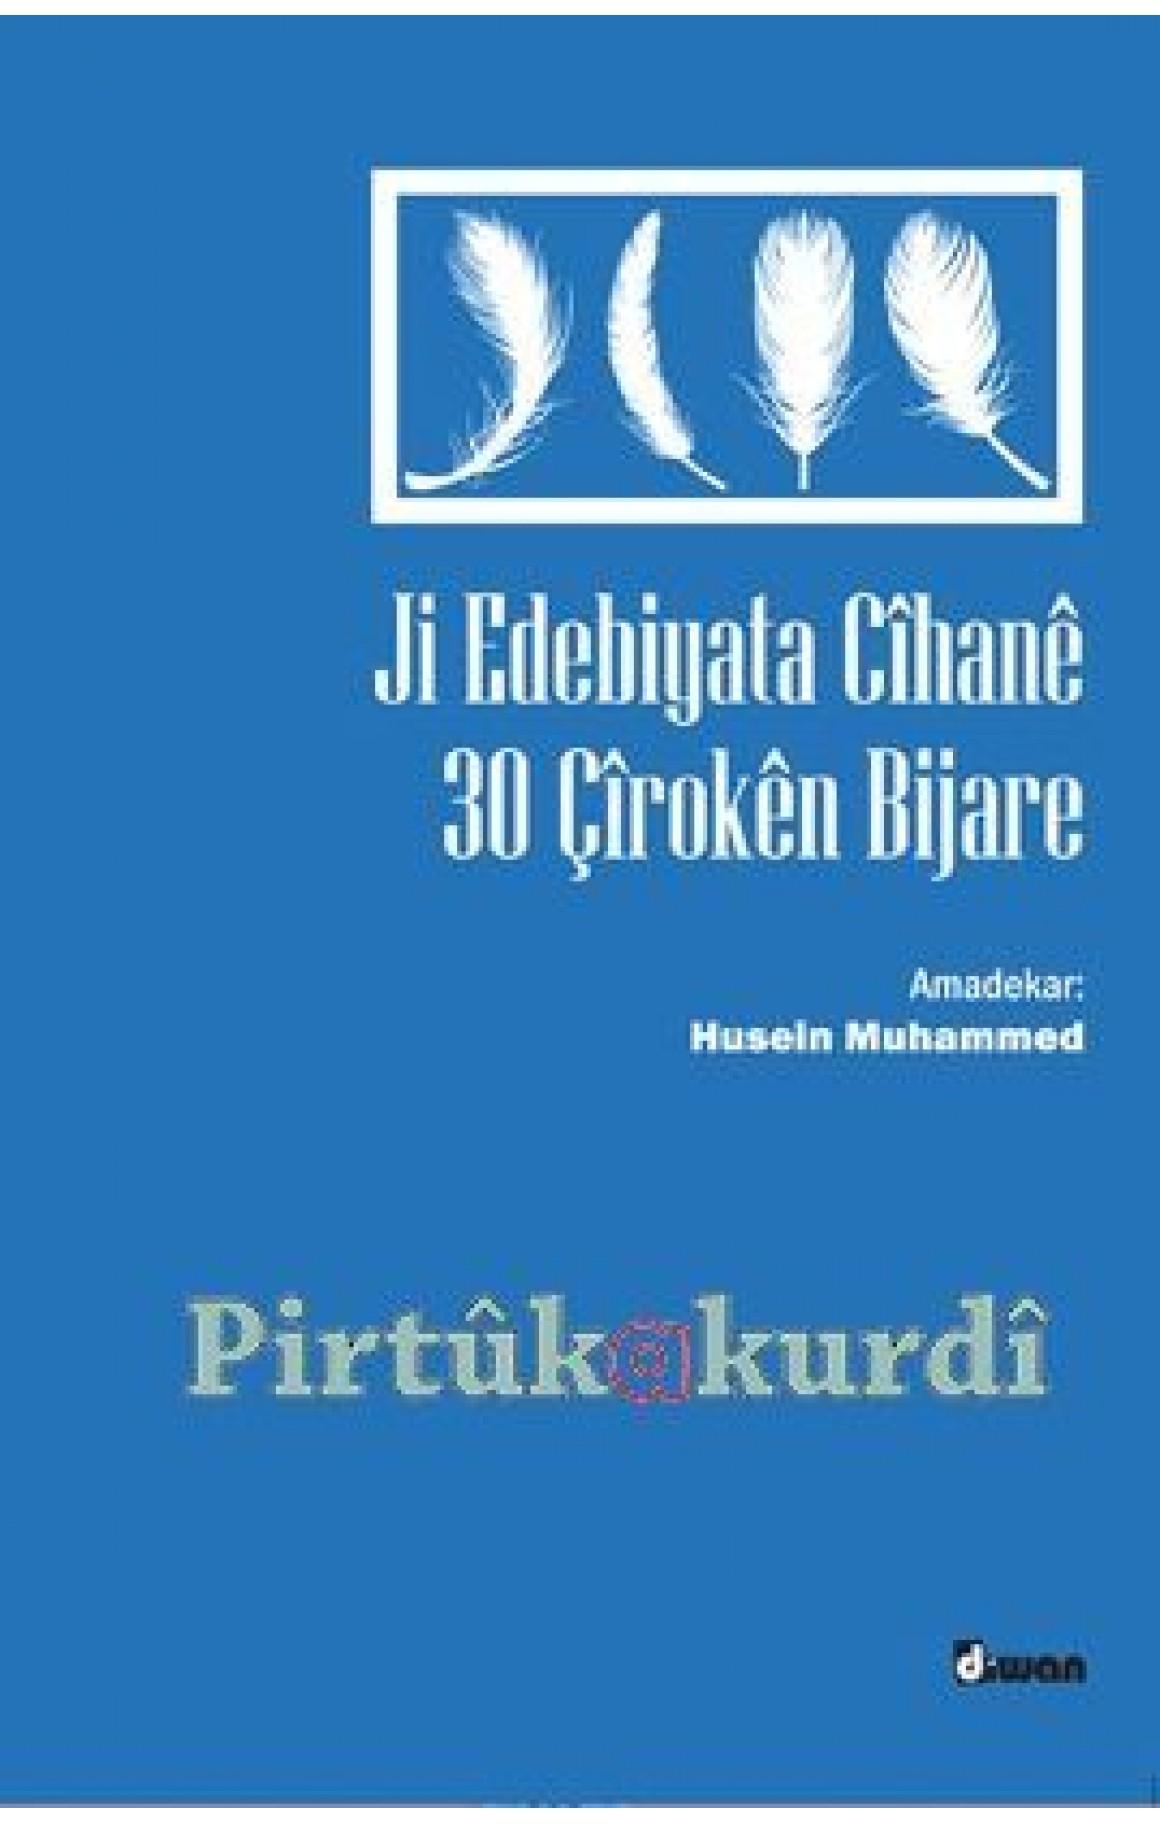 Ji Edebiyata Cîhanê 30 Çîrokên Bijare